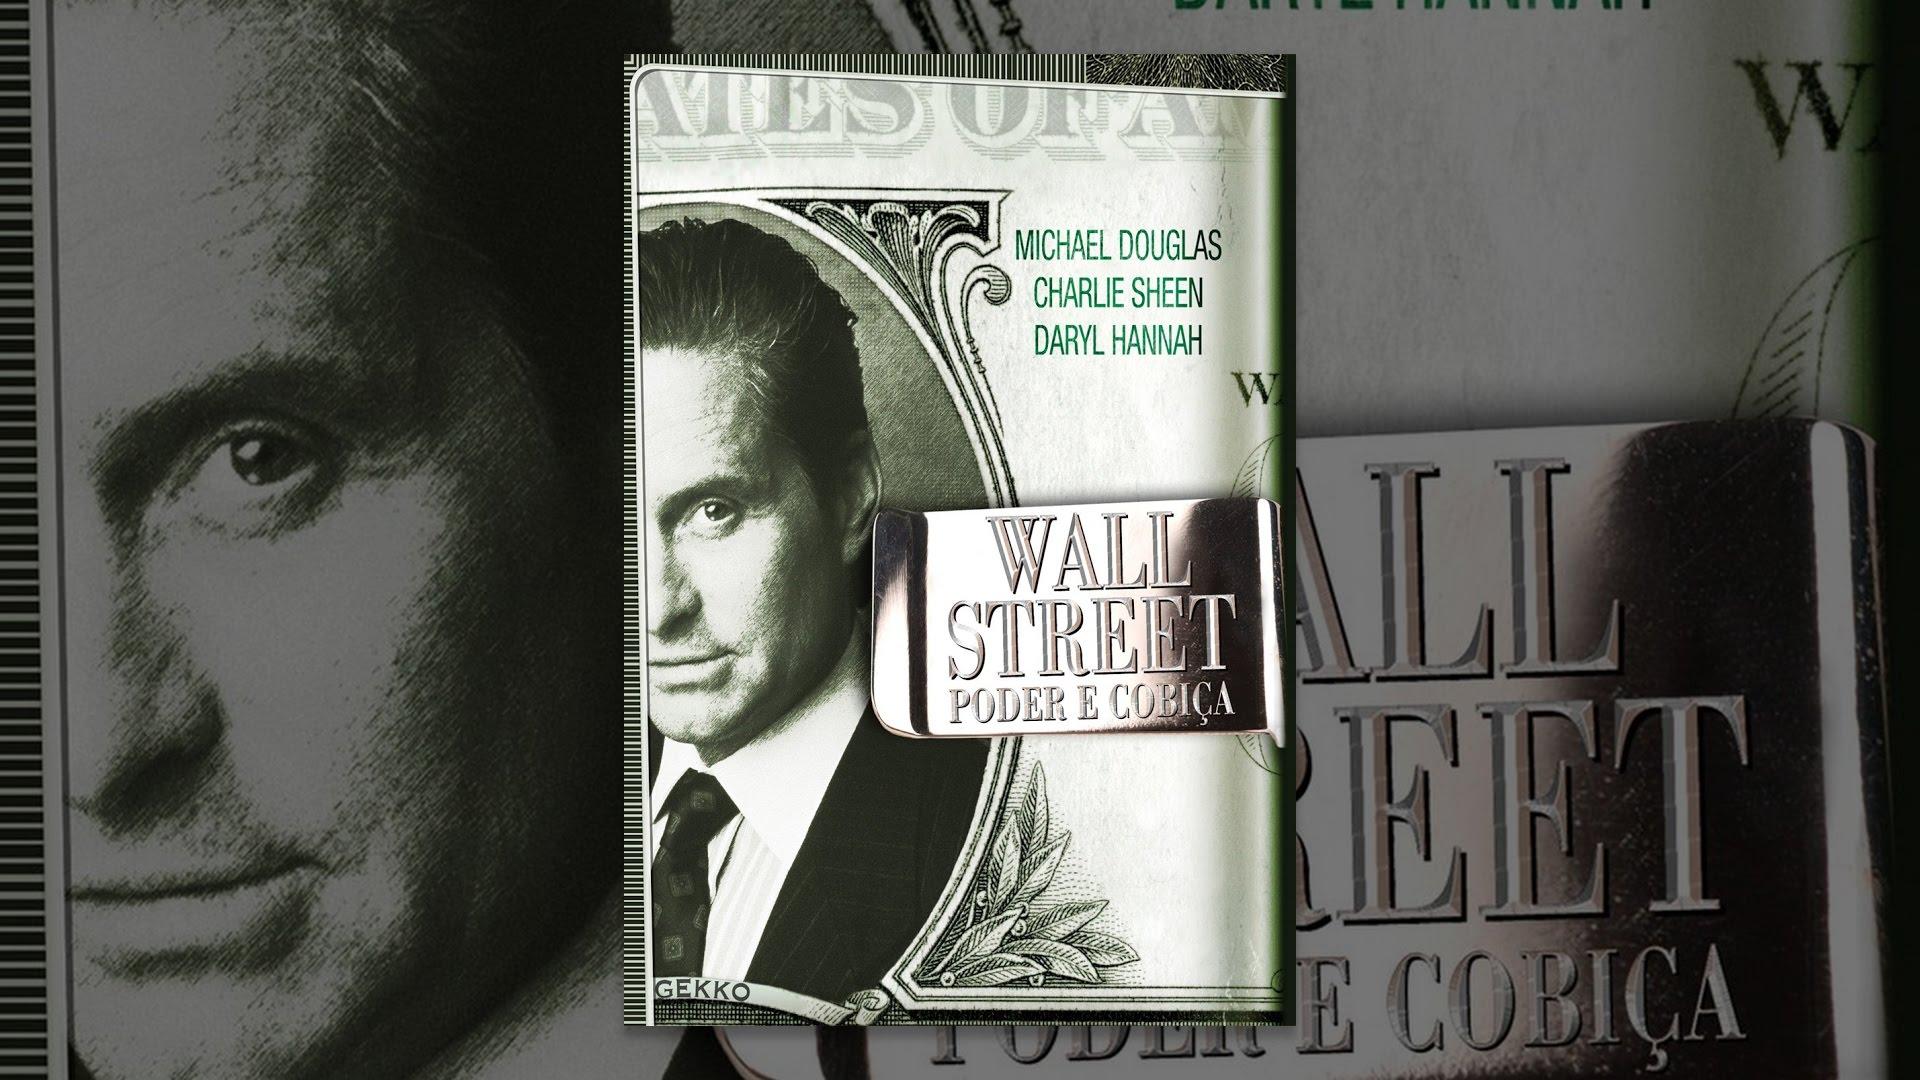 COBIA WALL STREET PODER RMVB FILME DUBLADO E BAIXAR